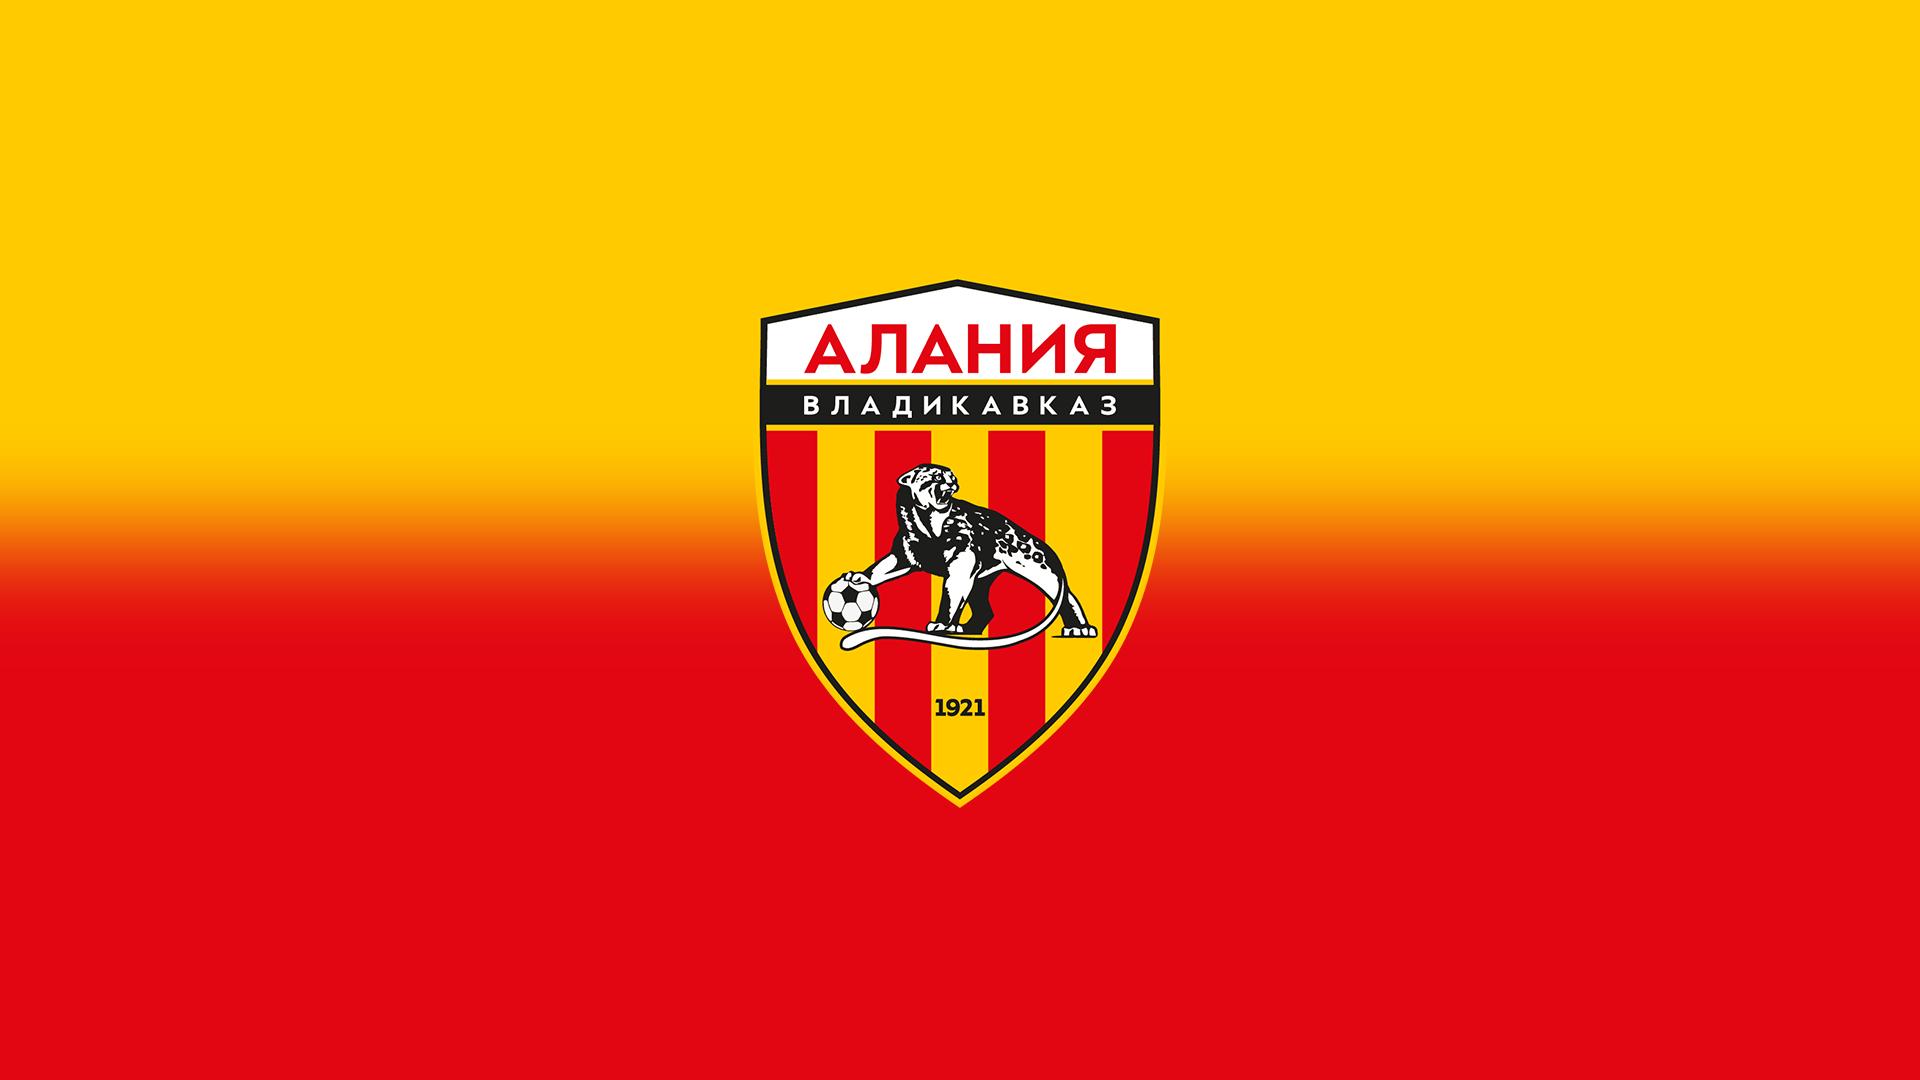 http://fcalania.com/images/logo.png